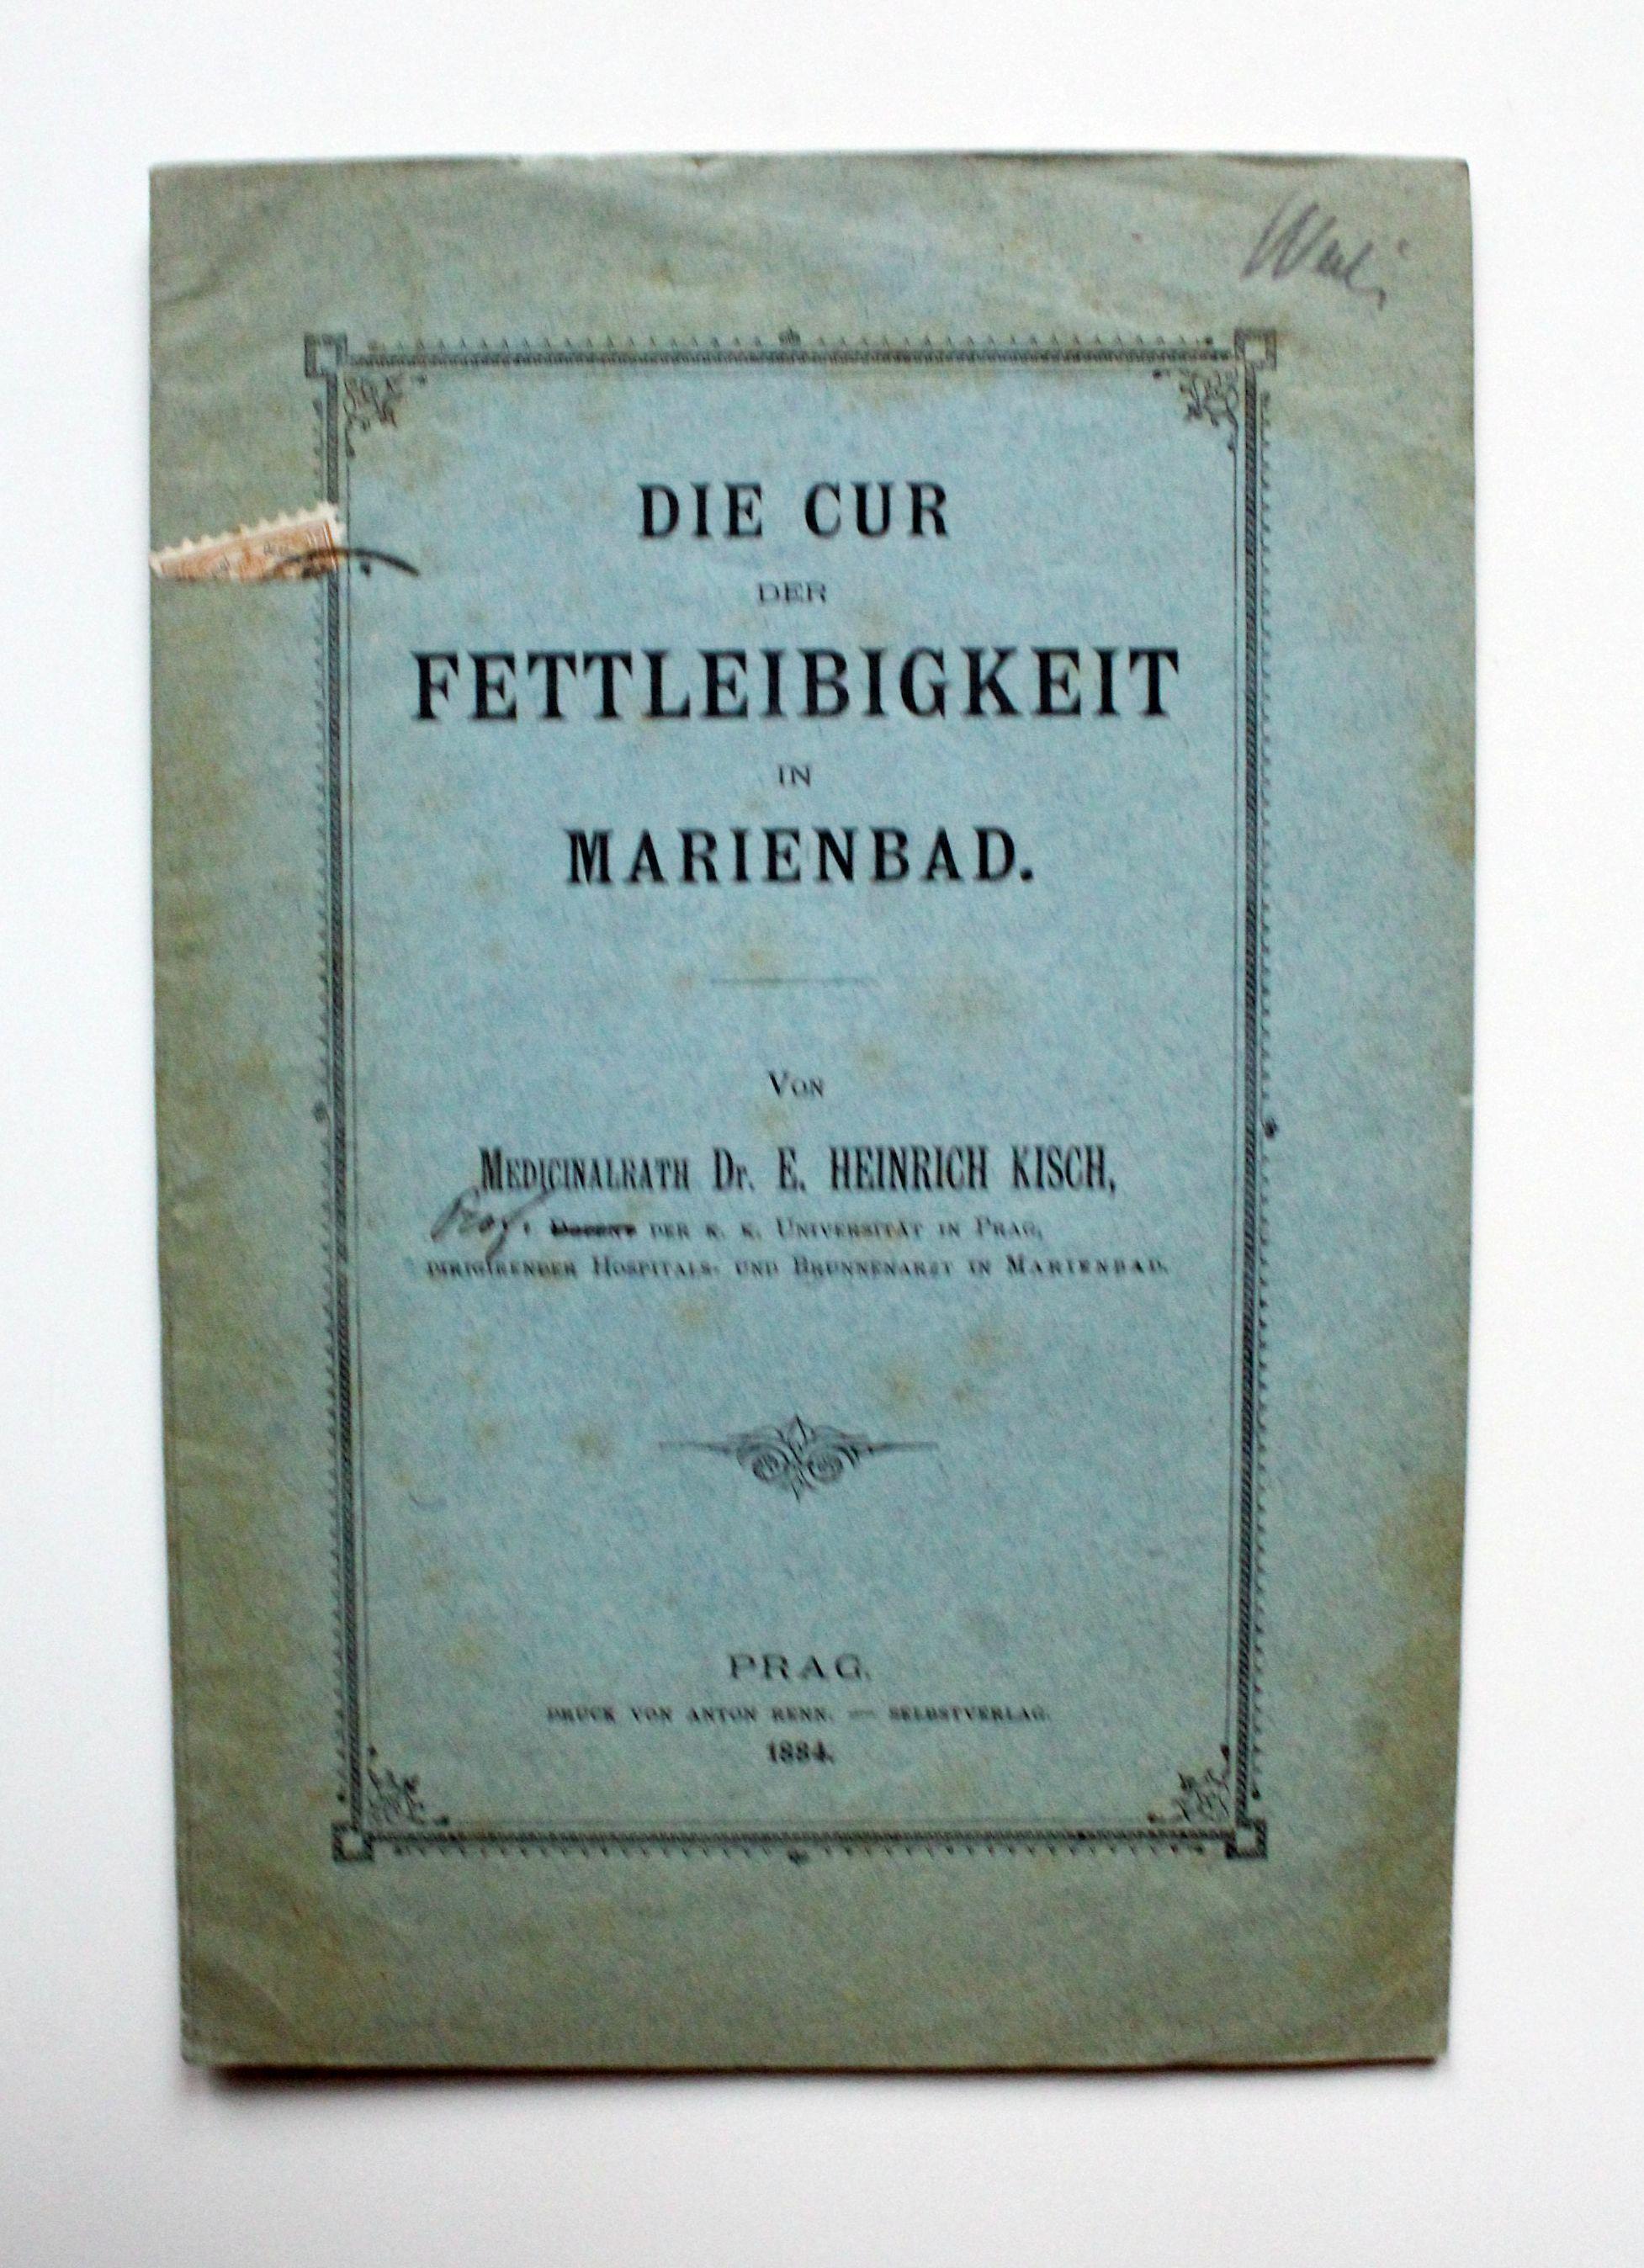 Die Cur der Fettleibigkeit in Marienbad.: Kisch, Heinrich